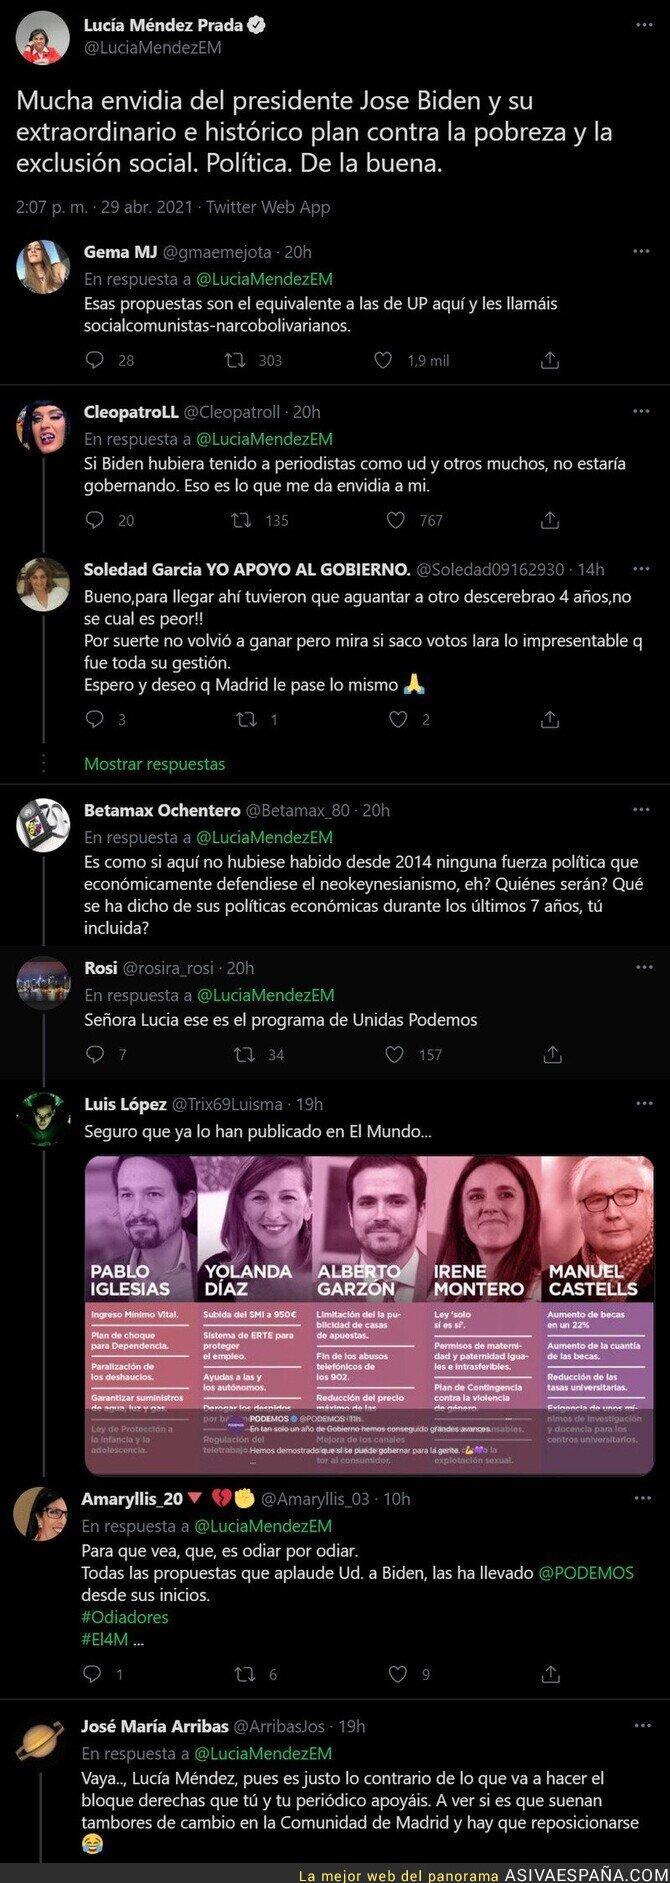 729943 - Lucía Méndez (El Mundo) alaba a Joe Biden con estas medidas y todo el mundo la ha dejado mal en las respuestas